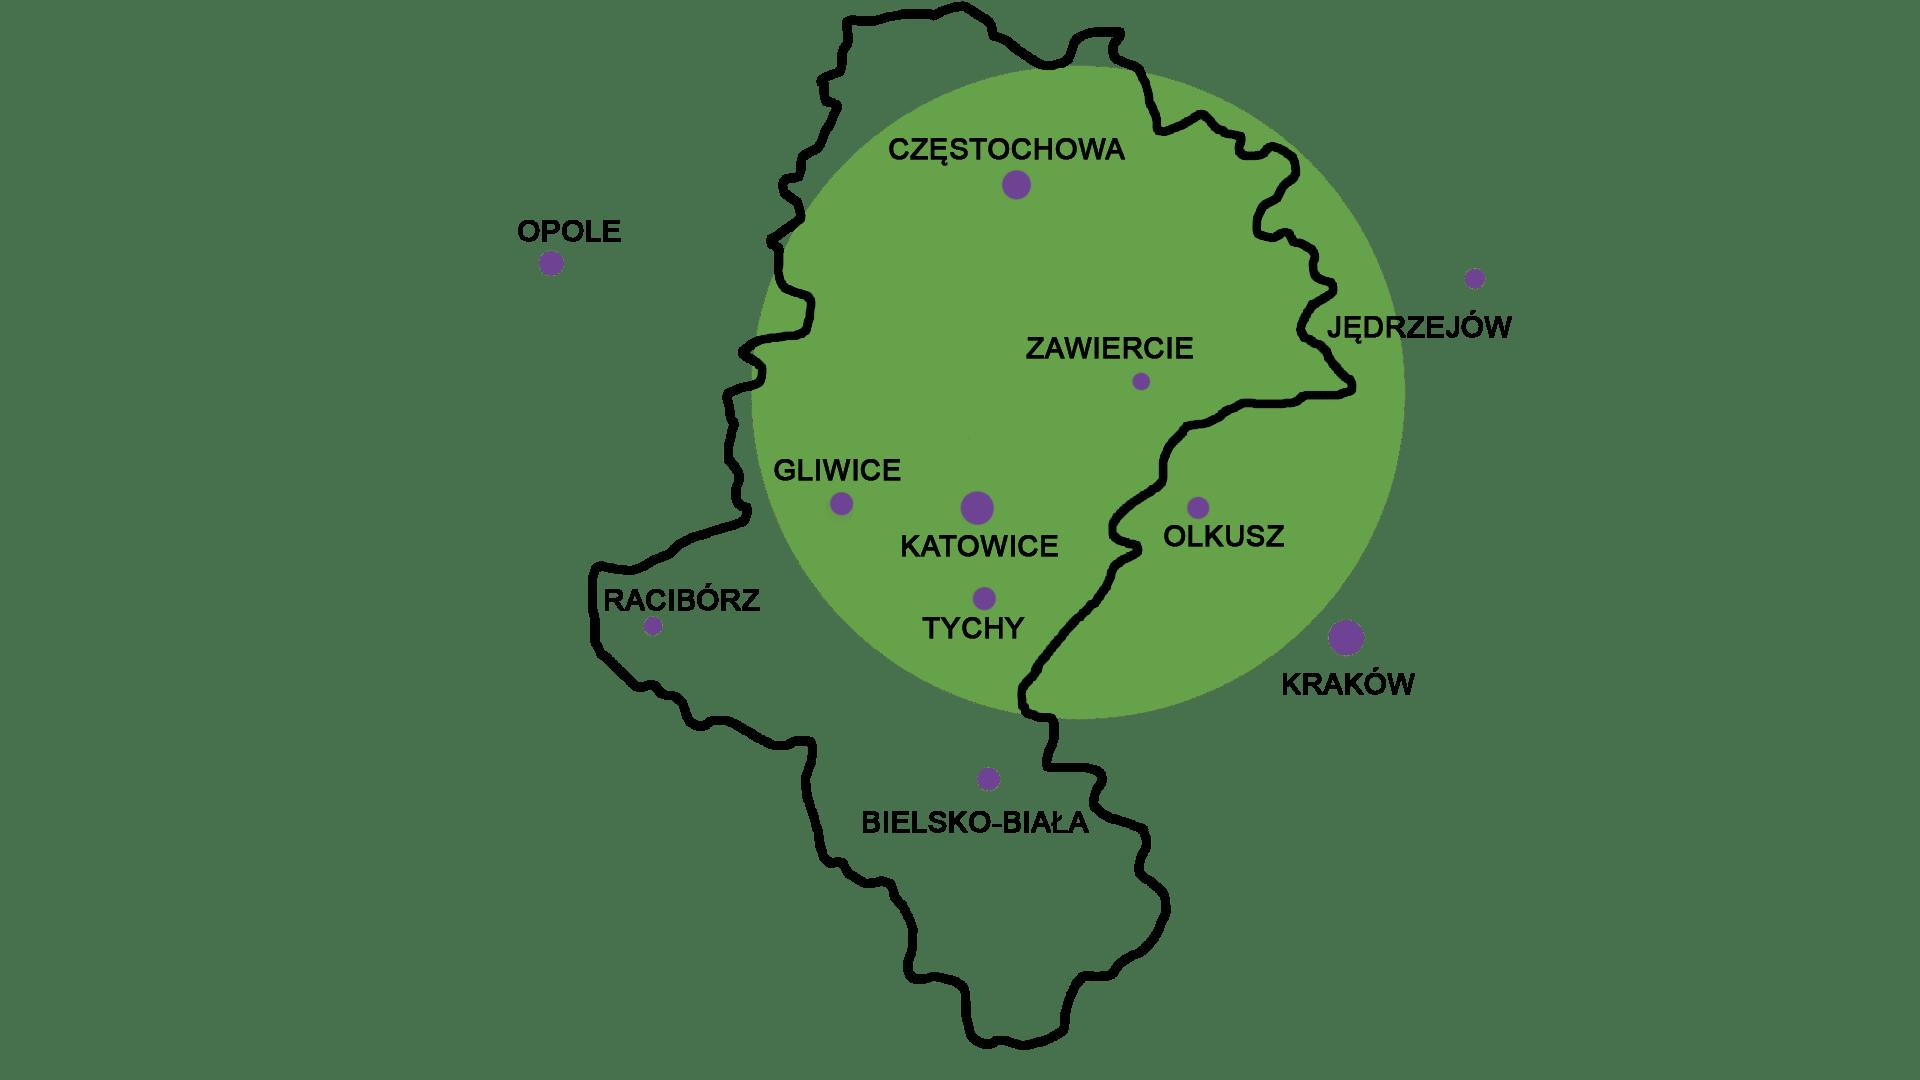 obszar działania obejmuje Śląsk, Małopolskę oraz województwo Świętokrzyskie